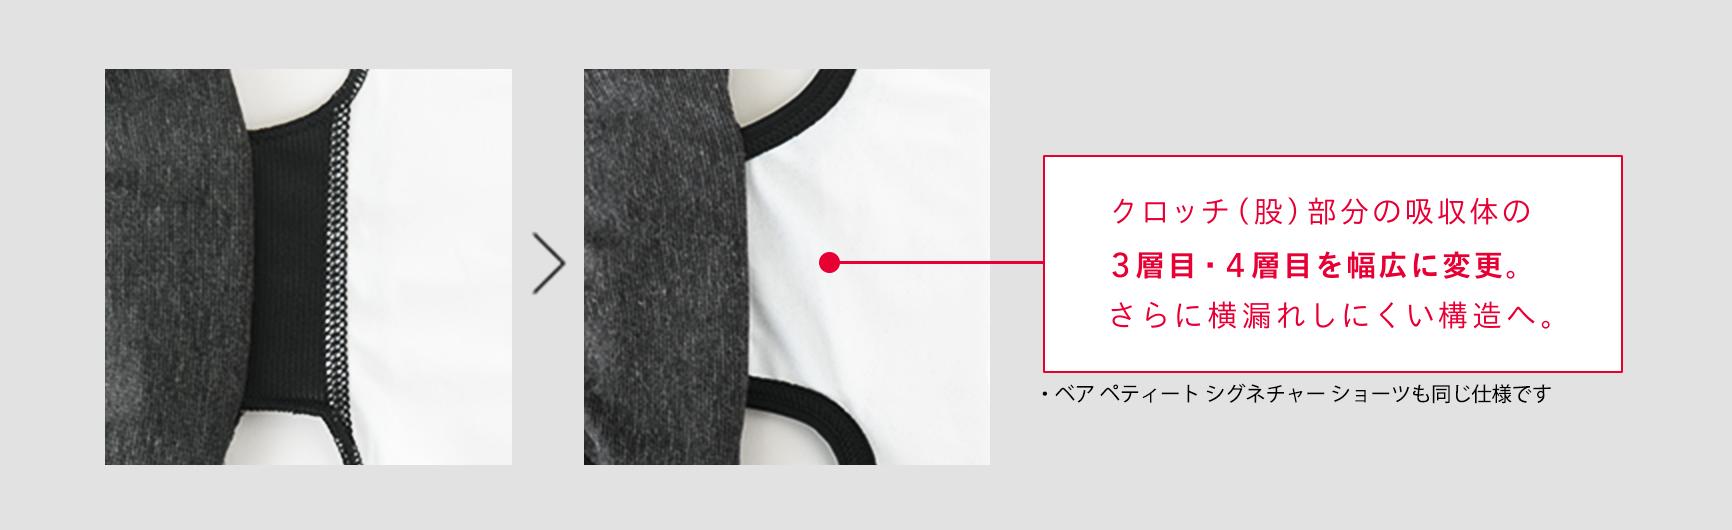 クロッチ(股)部分の吸収体の3層目・4層目を幅広に変更。さらに横漏れしにくい構造へ。